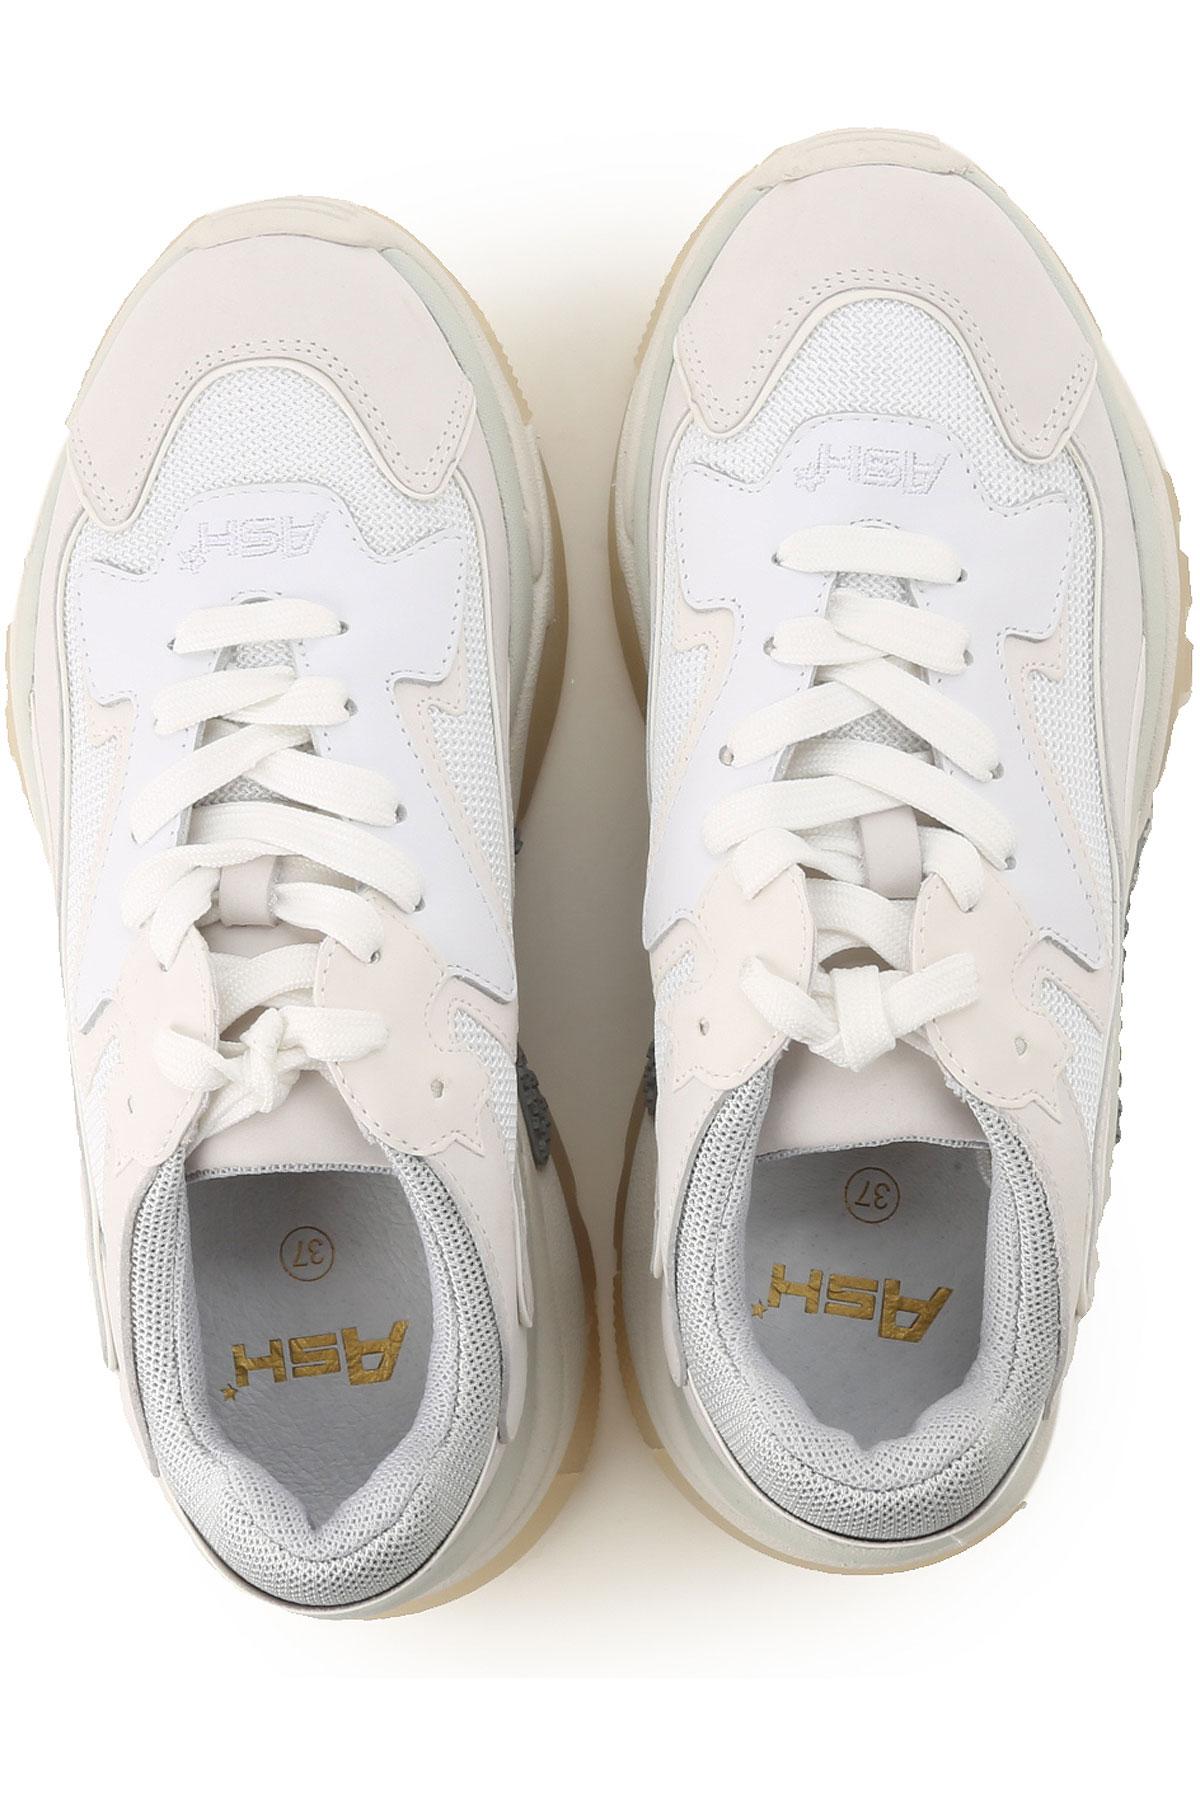 Hielo Para Zapatos 2019 Mujer Blanco Ash verano Primavera qf46pxp